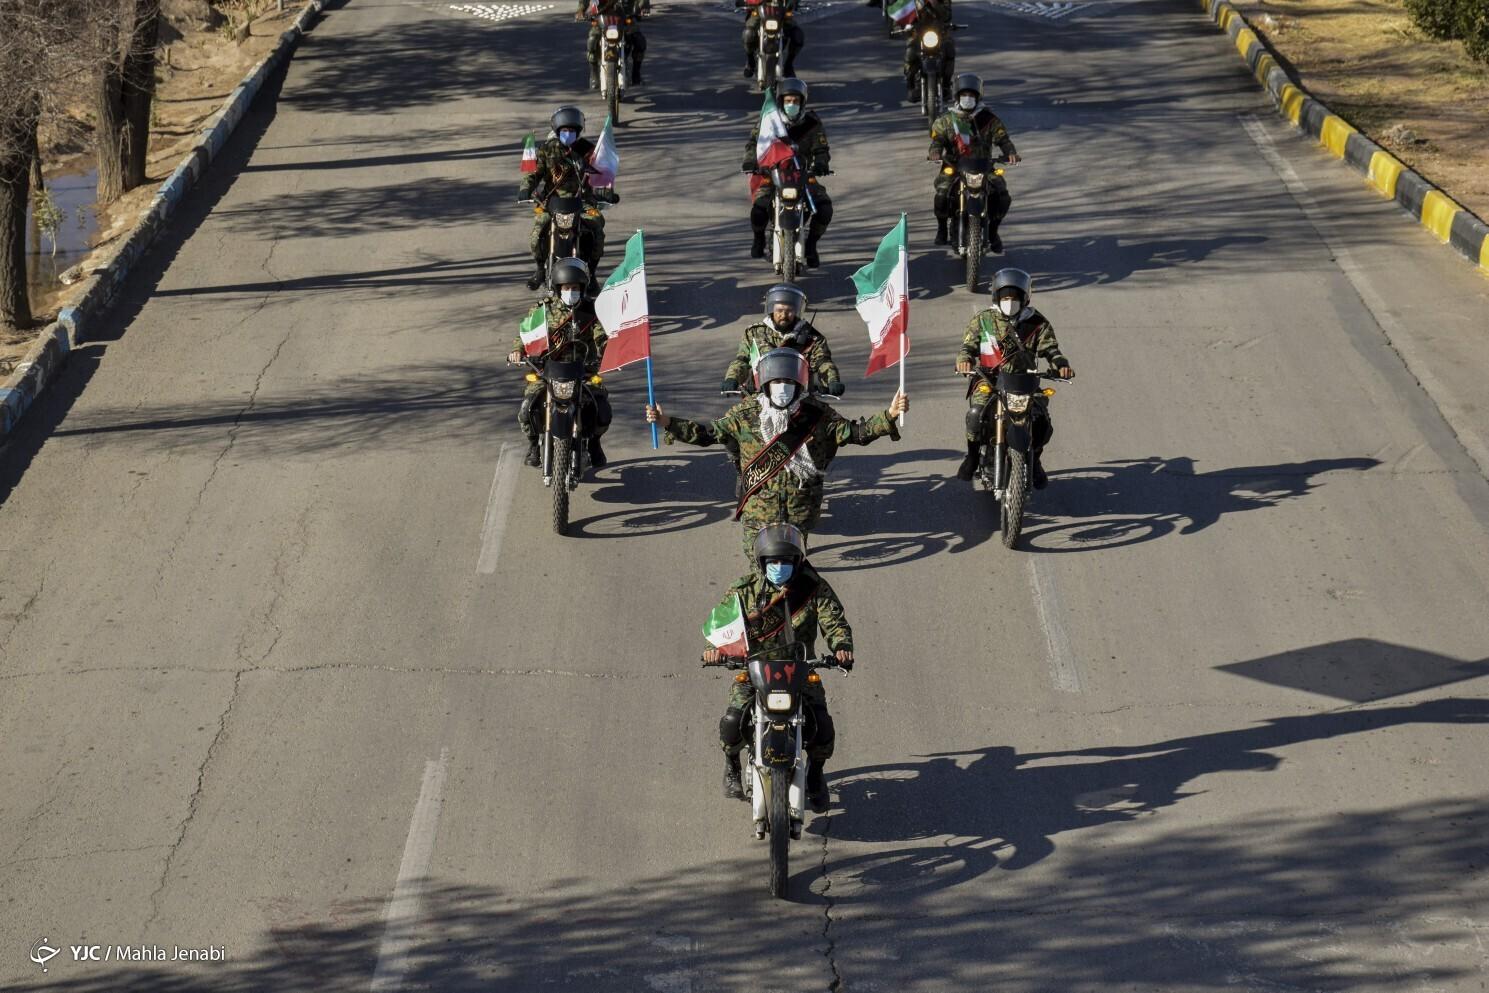 رژه موتوری به مناسبت آغاز دهه فجر در کرمان